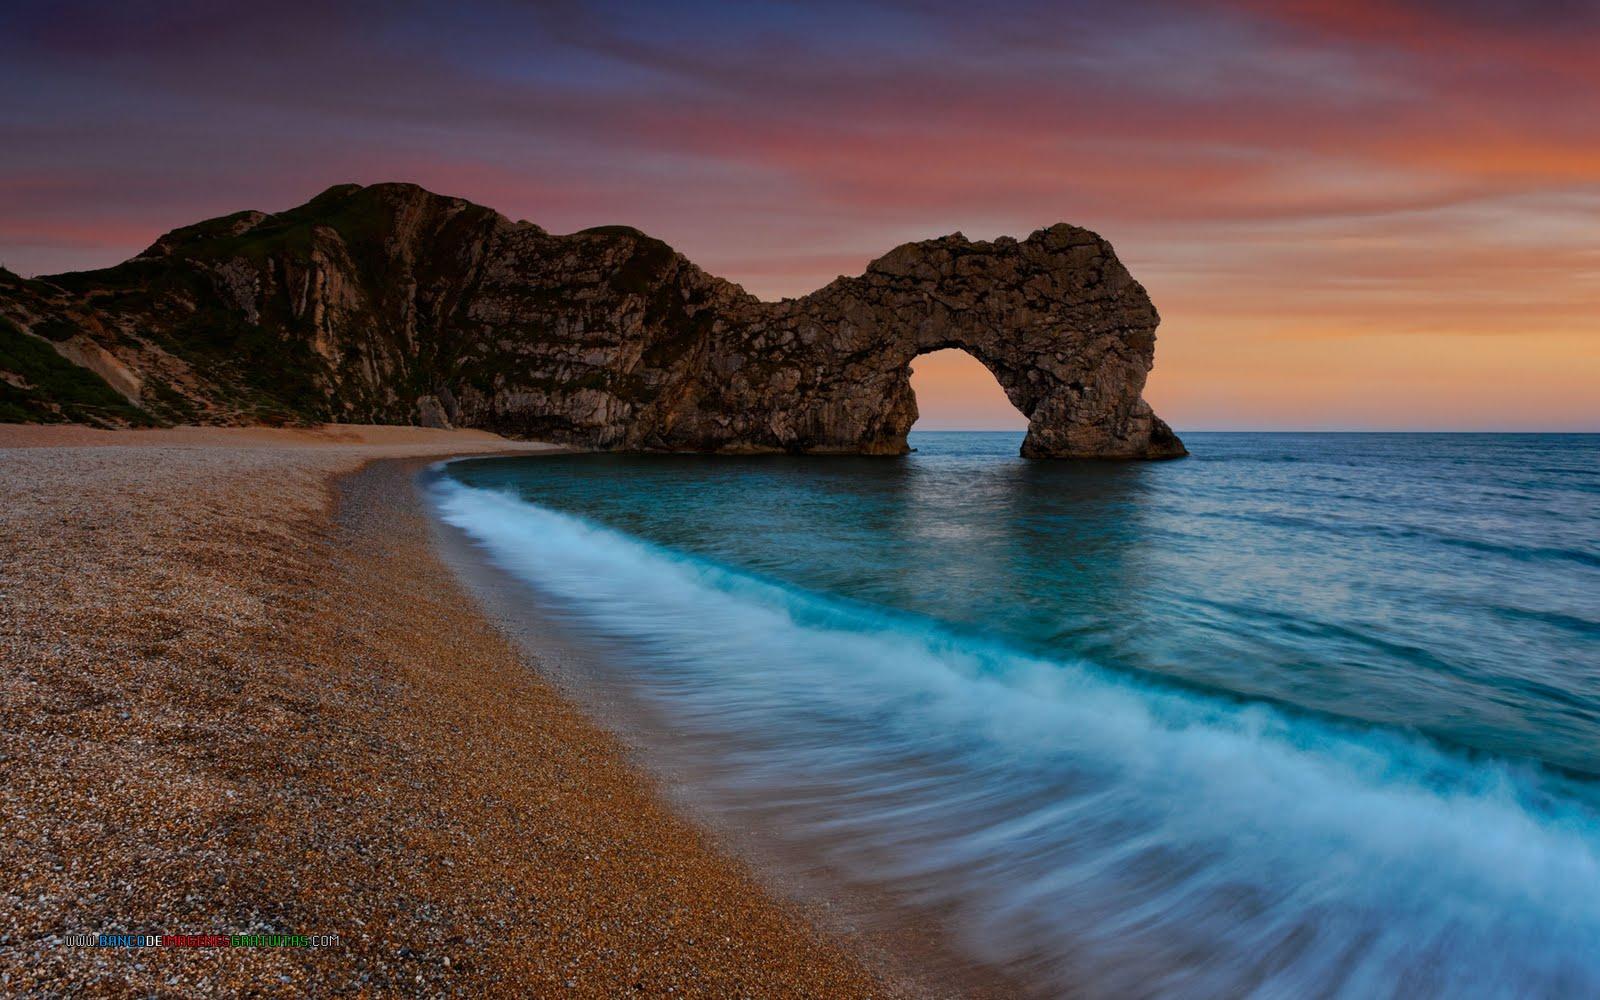 Las paisajes más bellos del mundo en imágenes - Imagenes De Paisajes Mas Hermosos Del Mundo